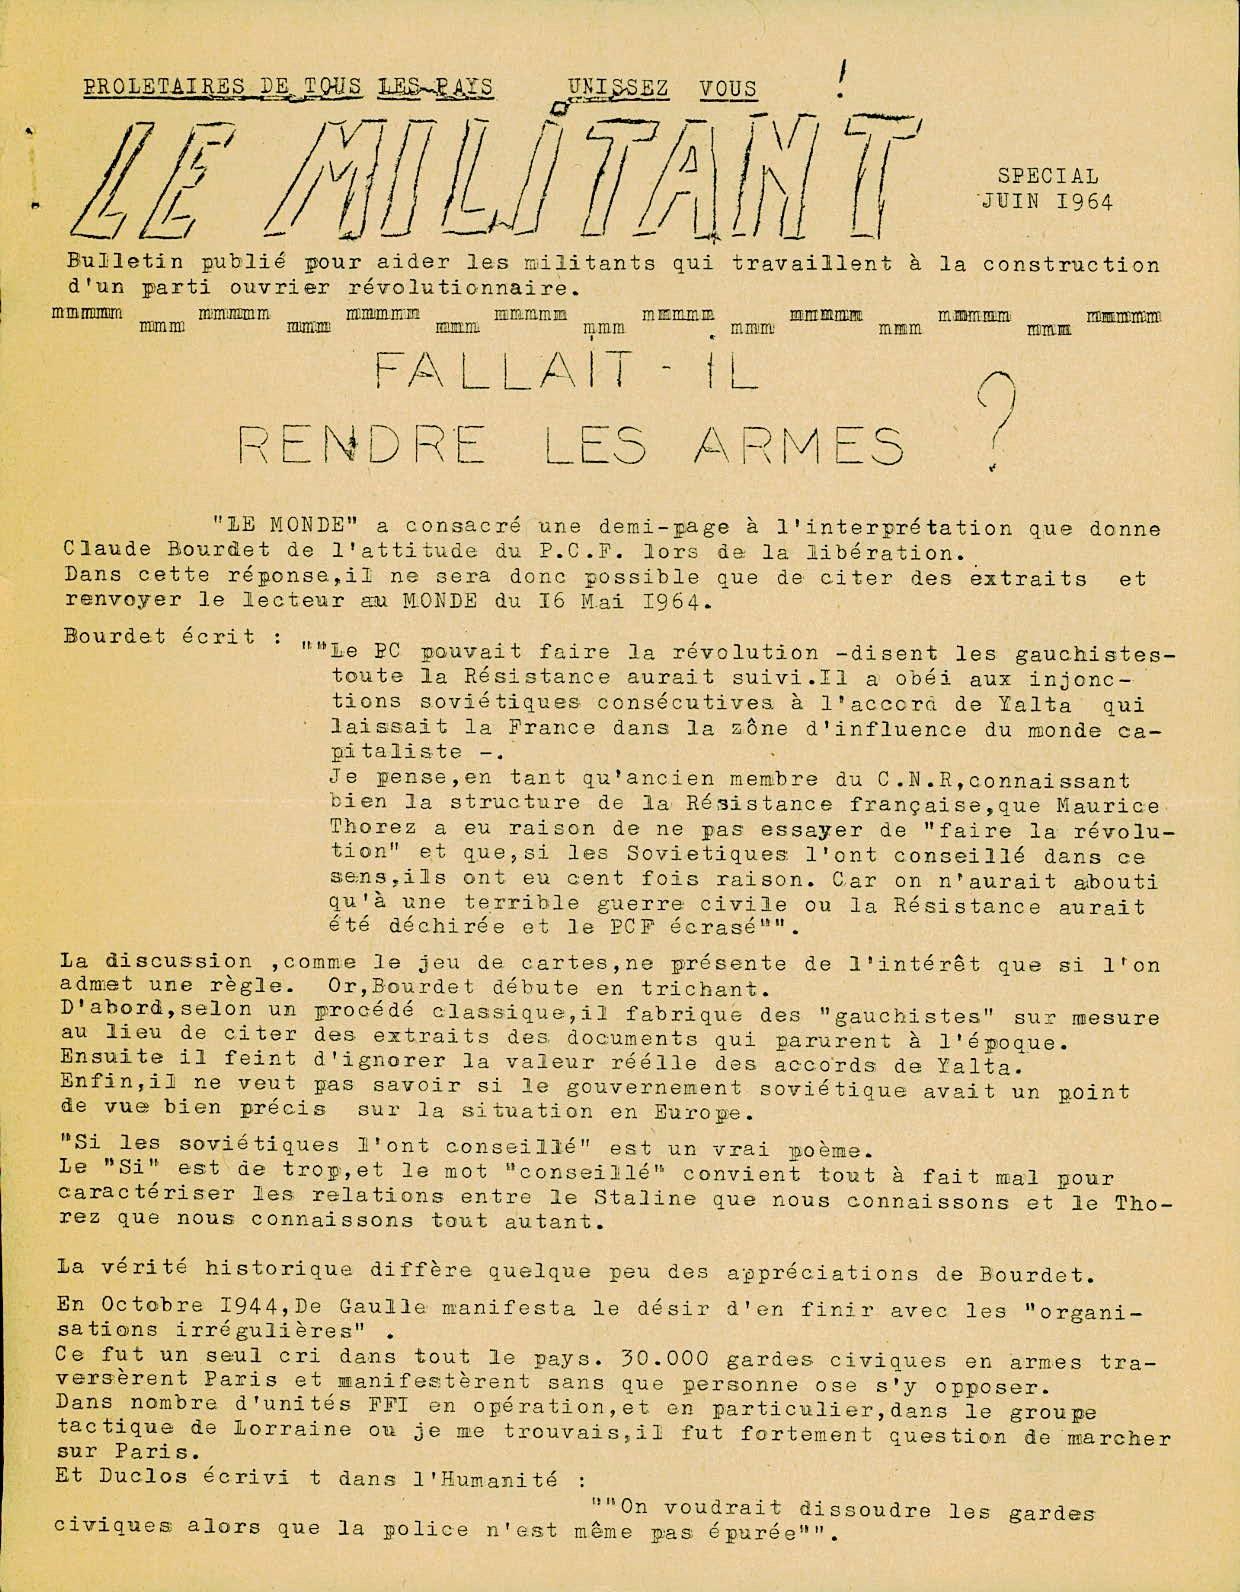 Le militant juin 1964 - 1